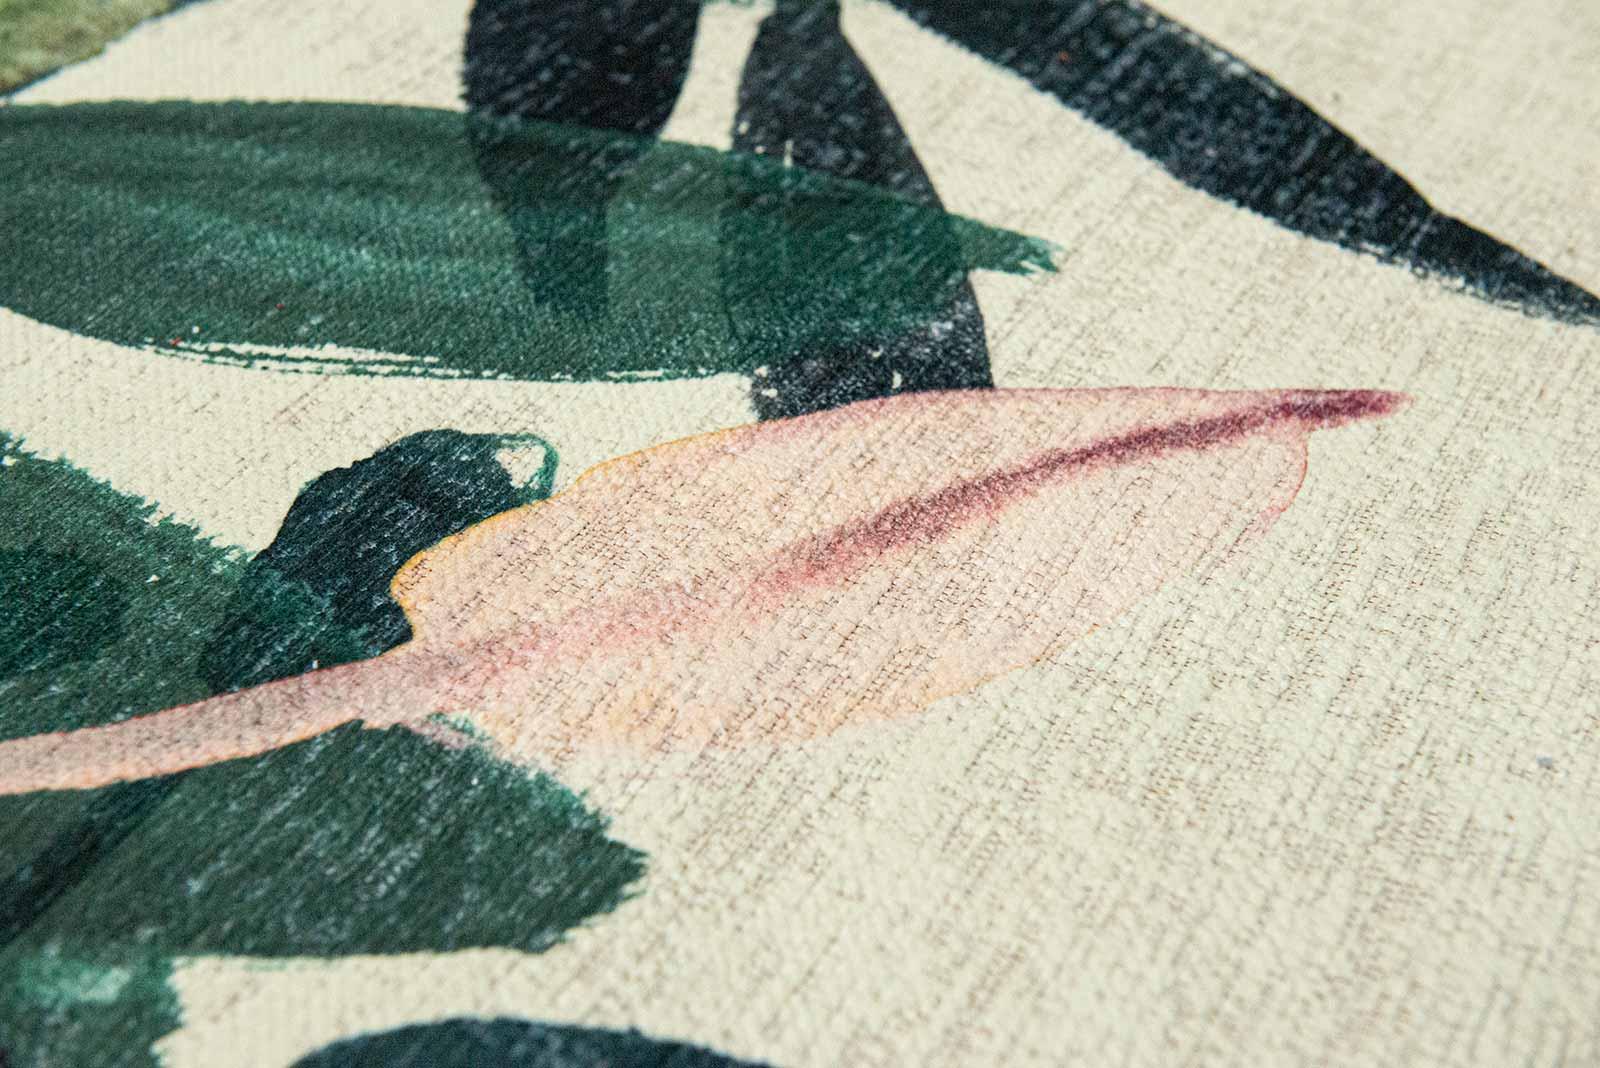 Louis De Poortere vloerkleed Fischbacher 8446 Estival Caliente zoom 1